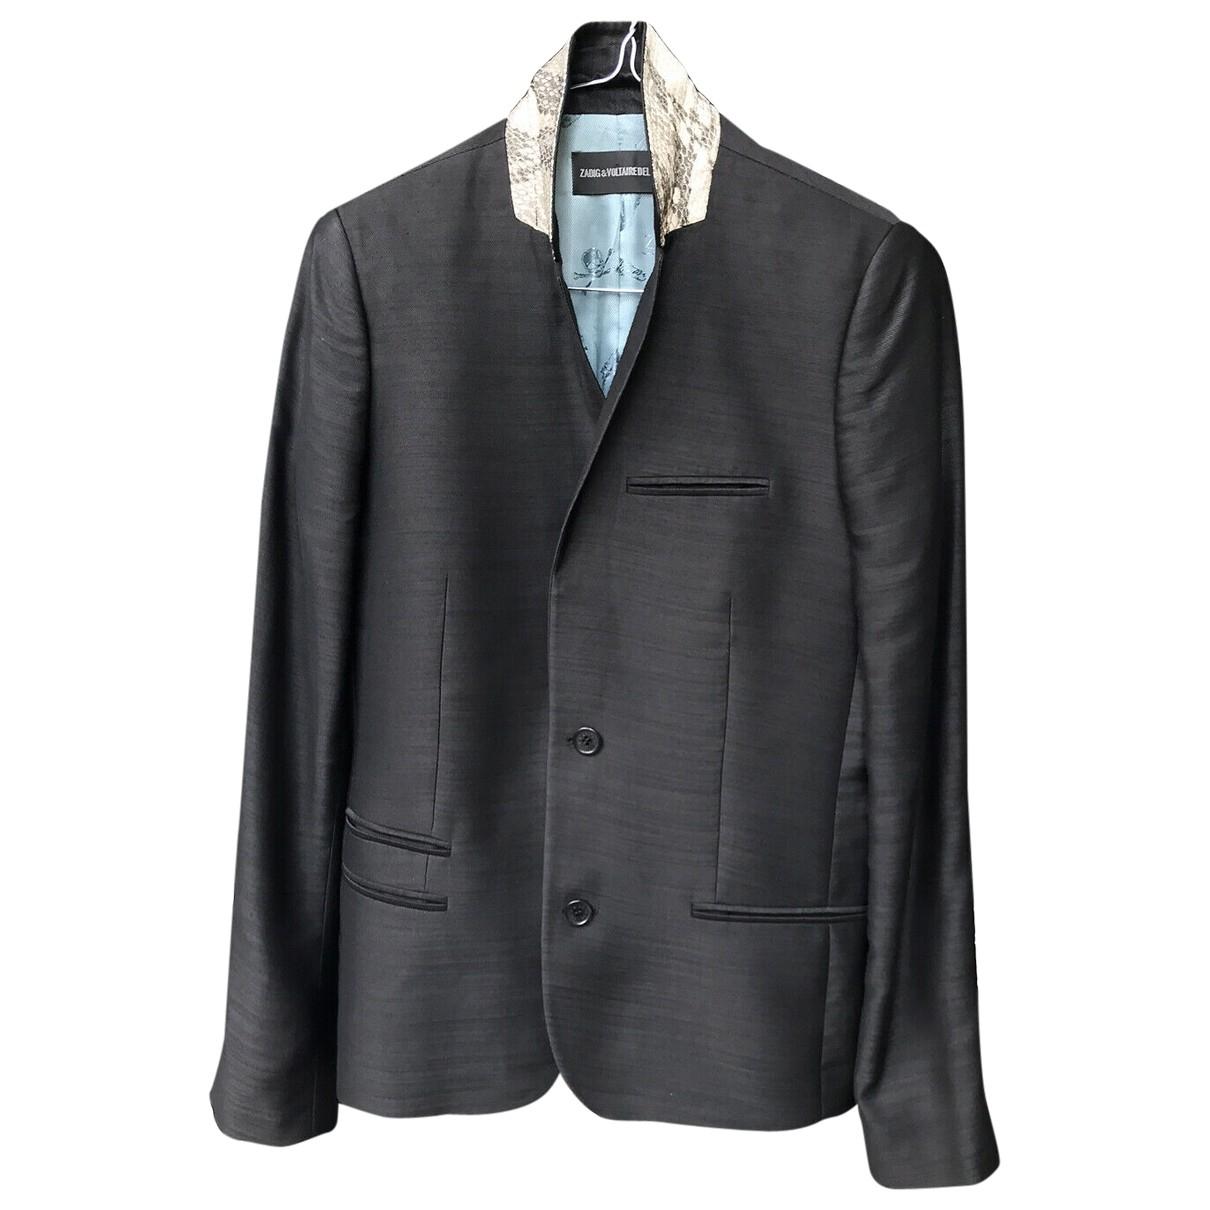 Zadig & Voltaire \N Black jacket for Women 36 FR